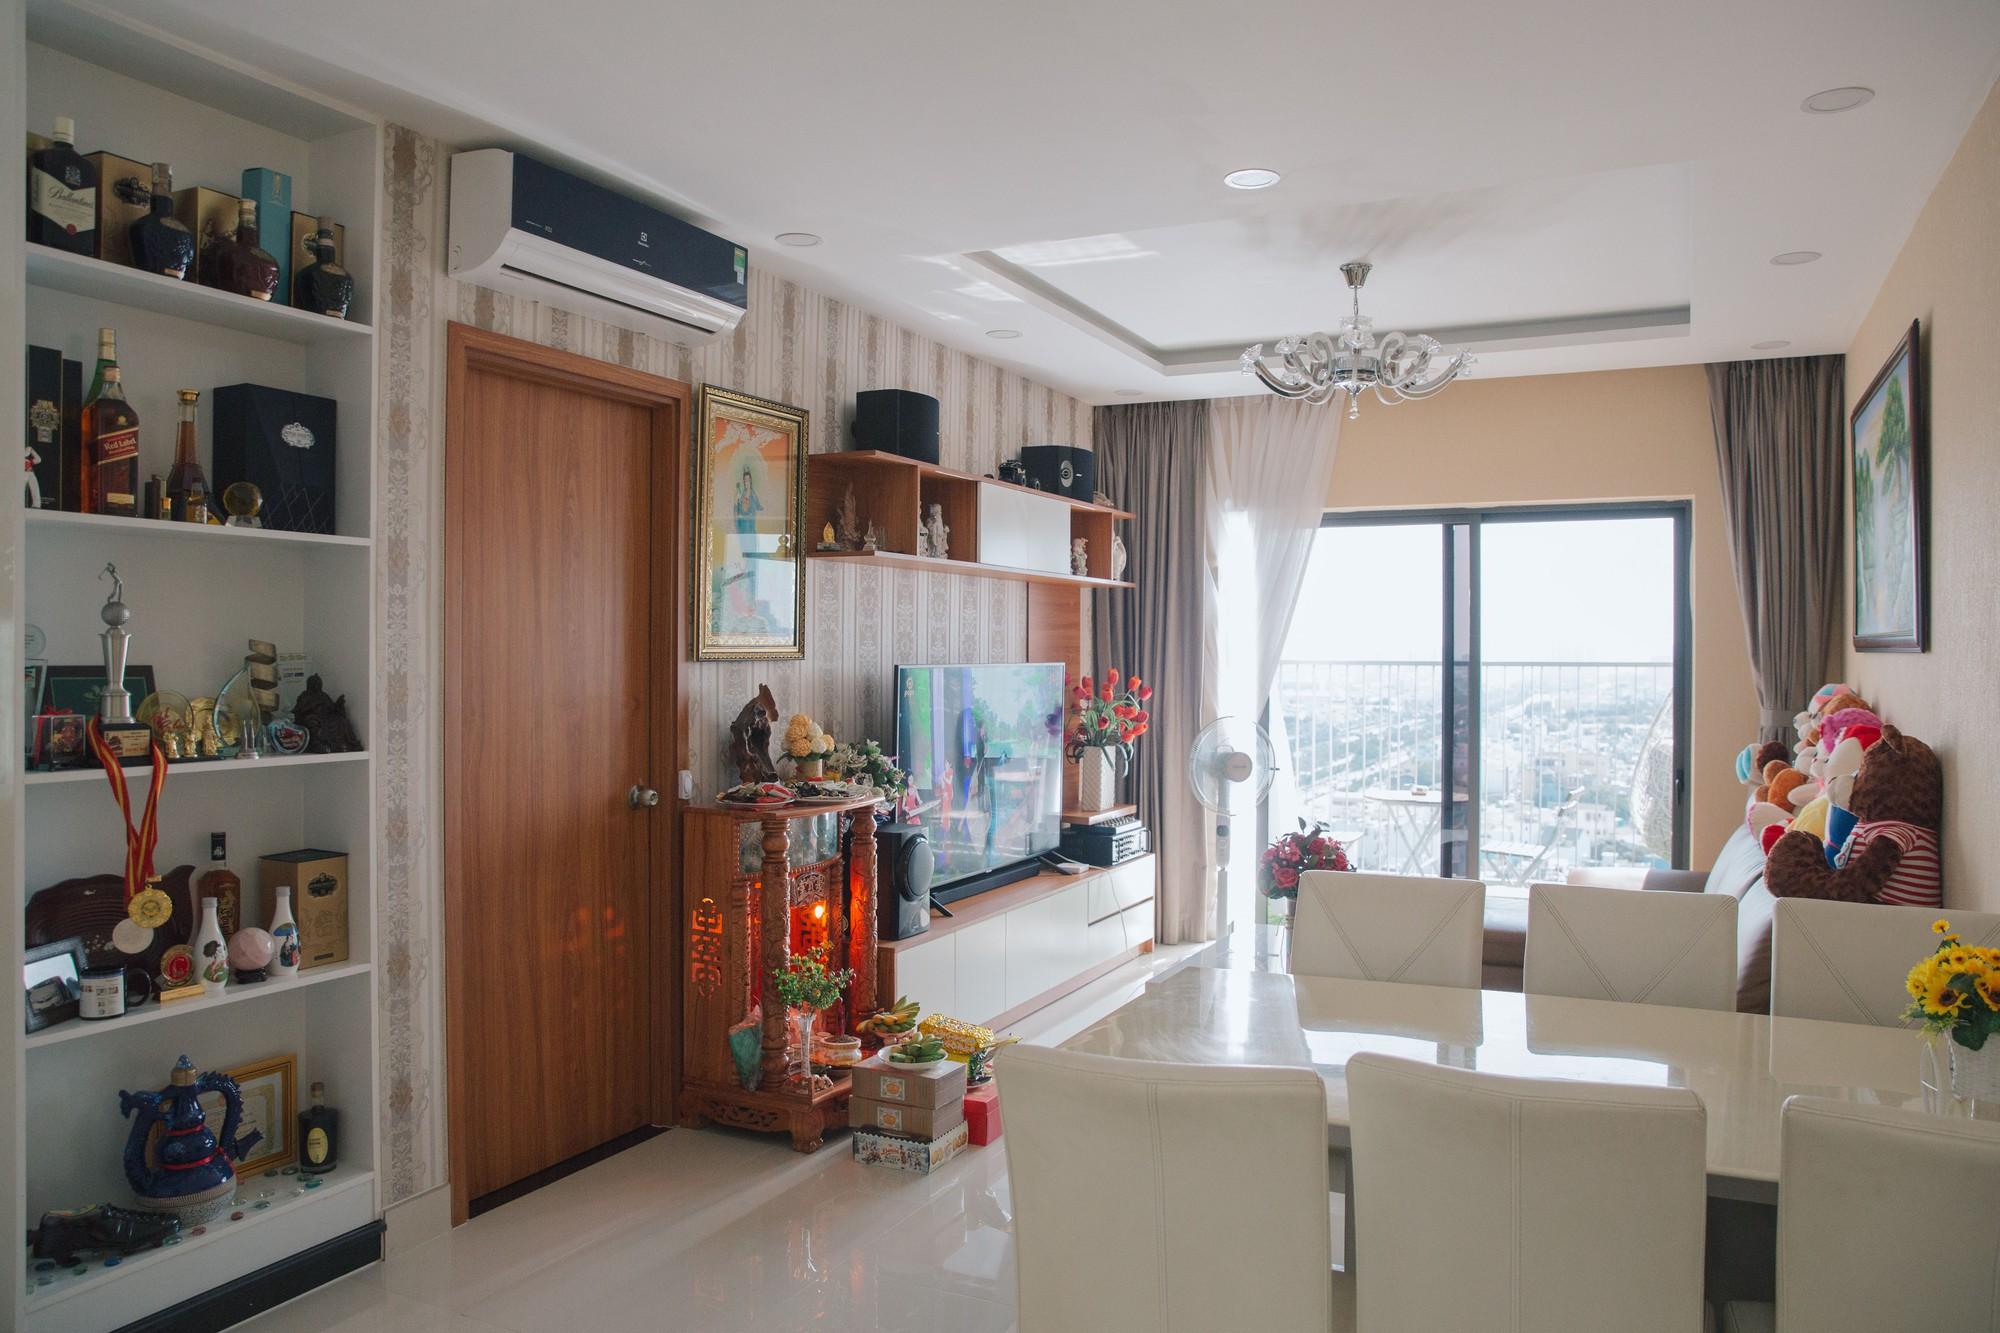 Diễn viên Minh Luân tự hào khoe căn hộ rộng 100 m2 sau 10 năm lập nghiệp ở TP HCM  - Ảnh 2.